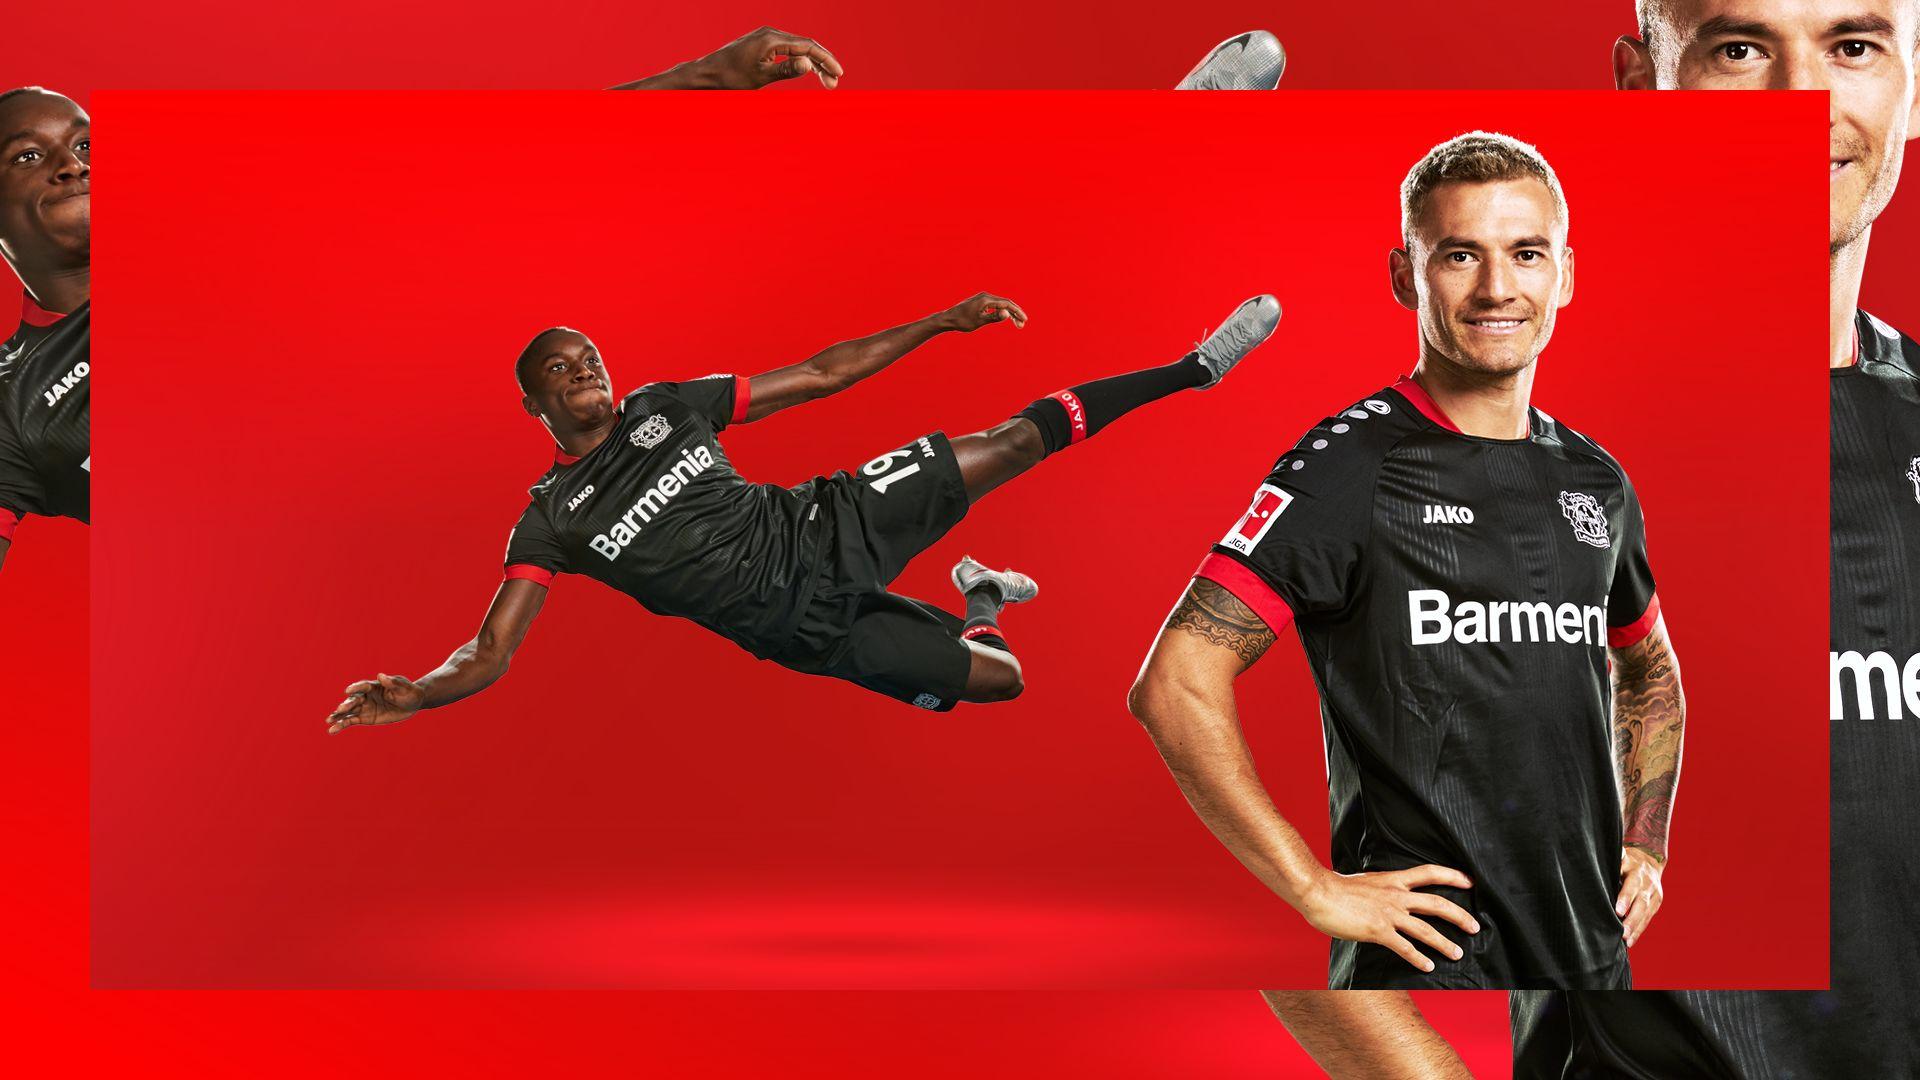 Moussa Diaby und Charles Aranguiz präsentieren das Heimtrikot der Saison 2020/21.